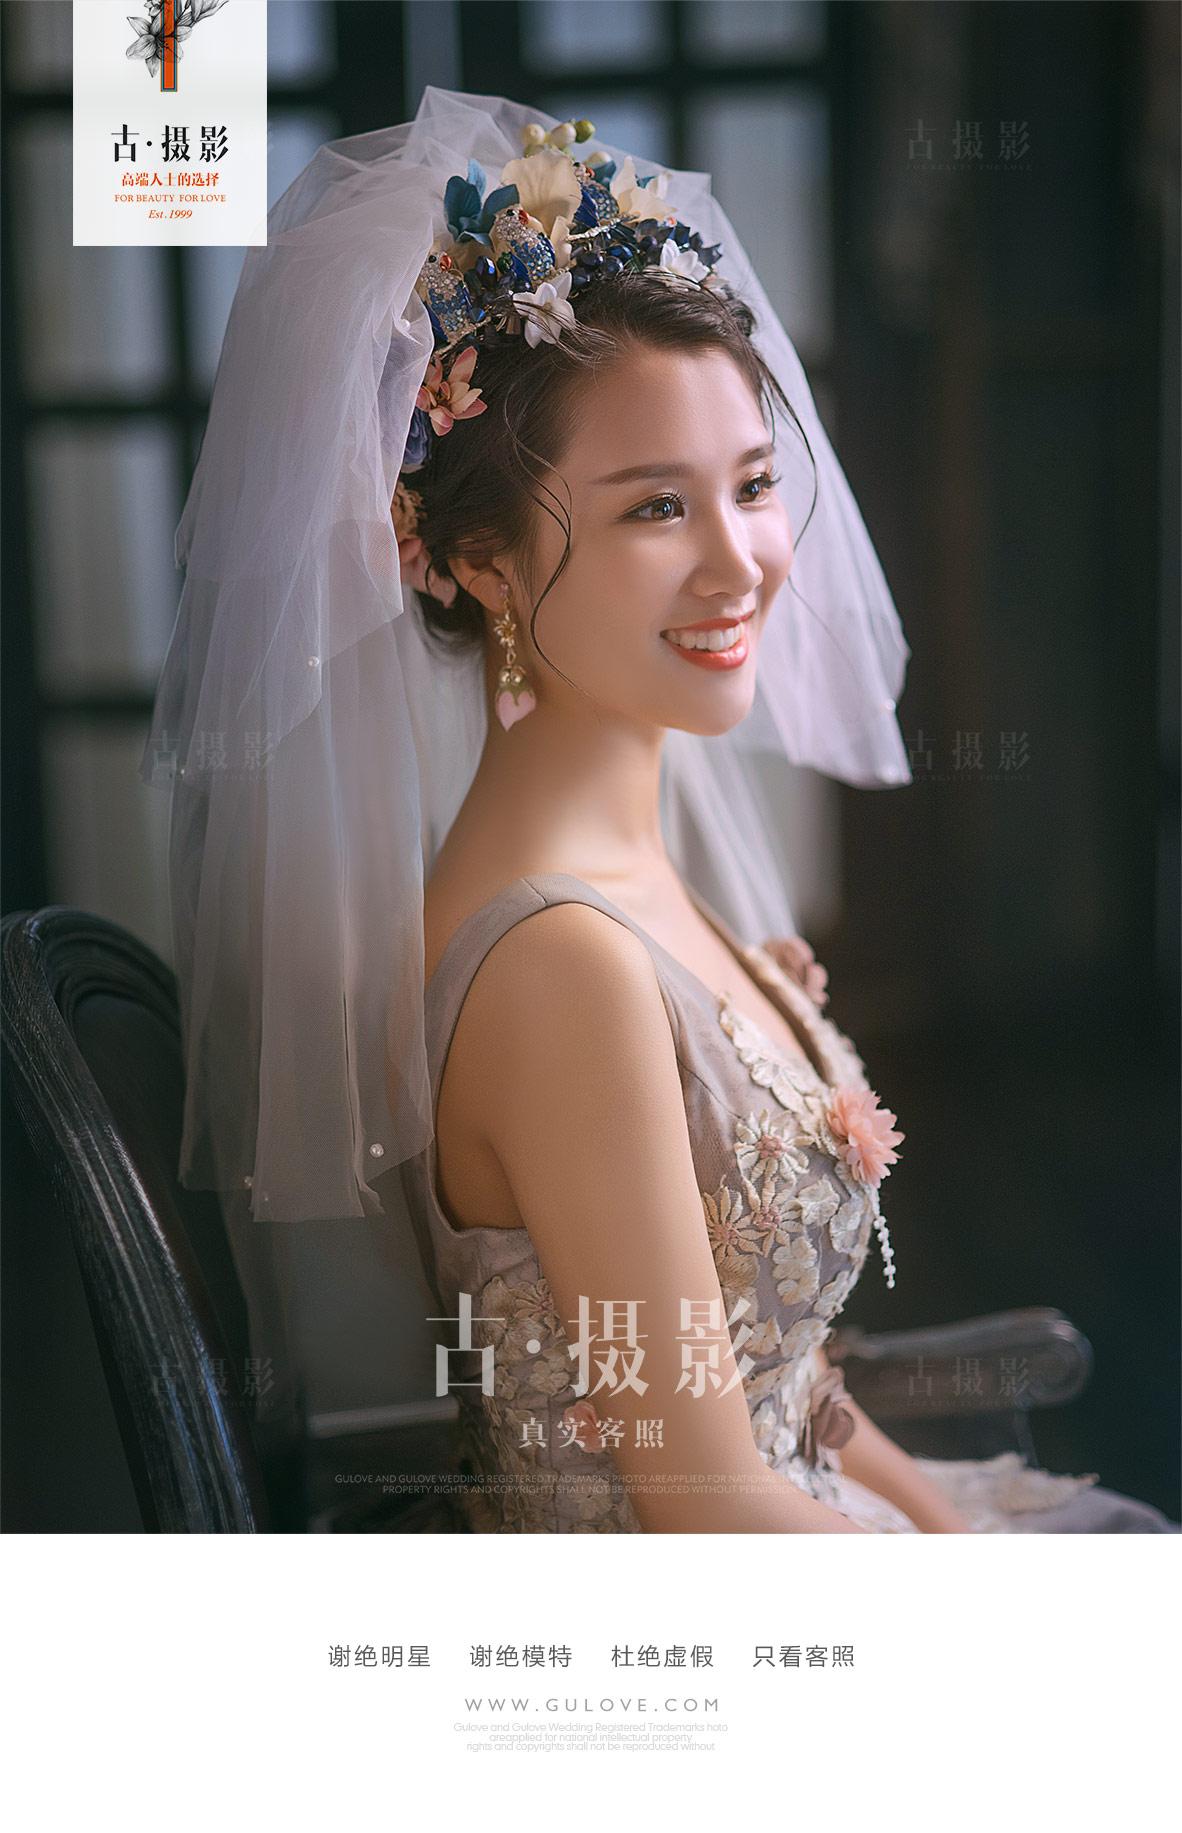 8月客照第二季 - 月度客照 - 古摄影婚纱艺术-古摄影成都婚纱摄影艺术摄影网